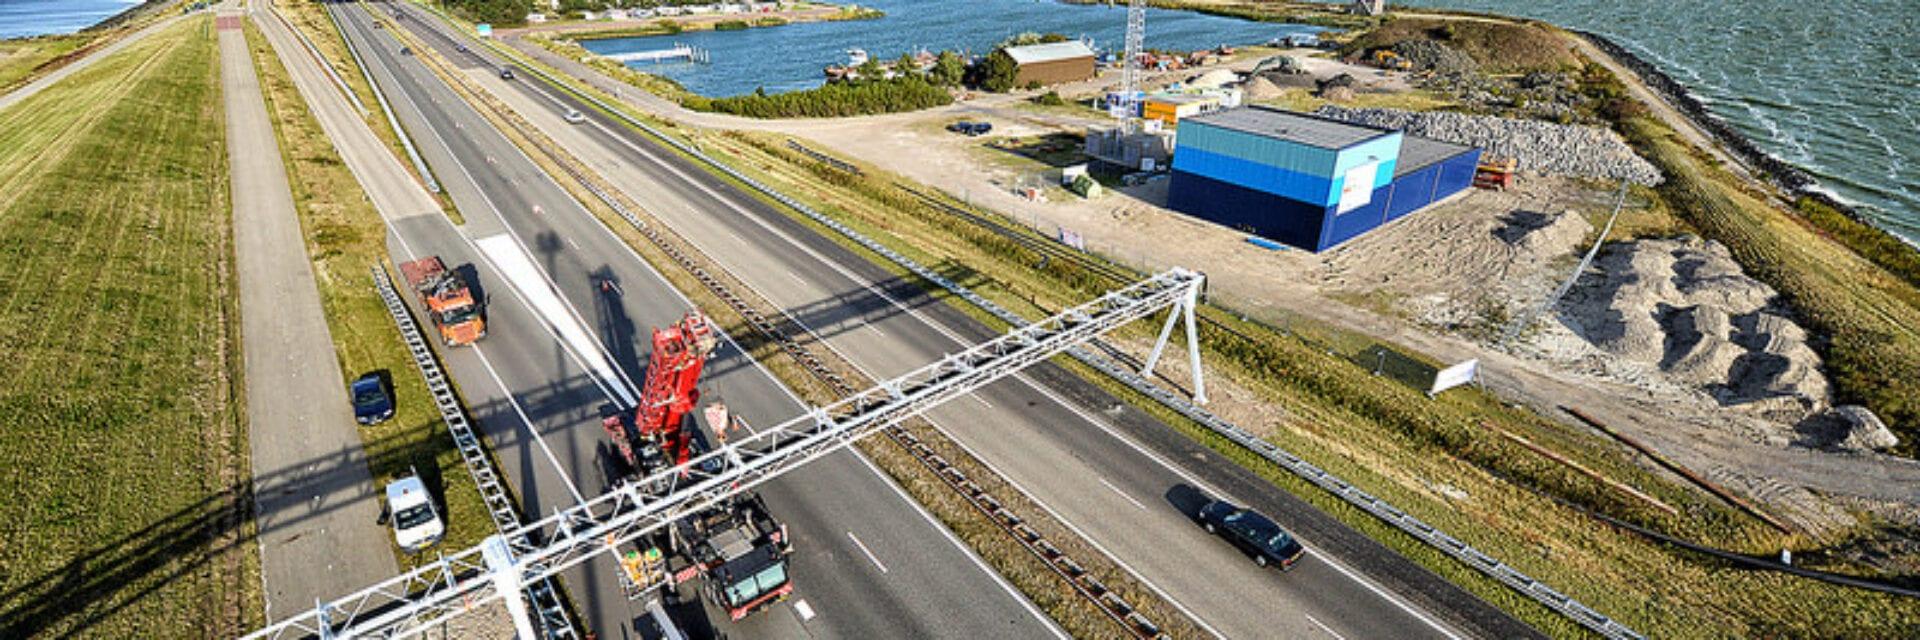 Blue Energy gebouw. We zien de twee wegen van de Afsluitdijk. Over de wegen loopt een metalen balk van linksonder naar rechts. Rechts zien we het blauwe gebouw van Blue Energy.